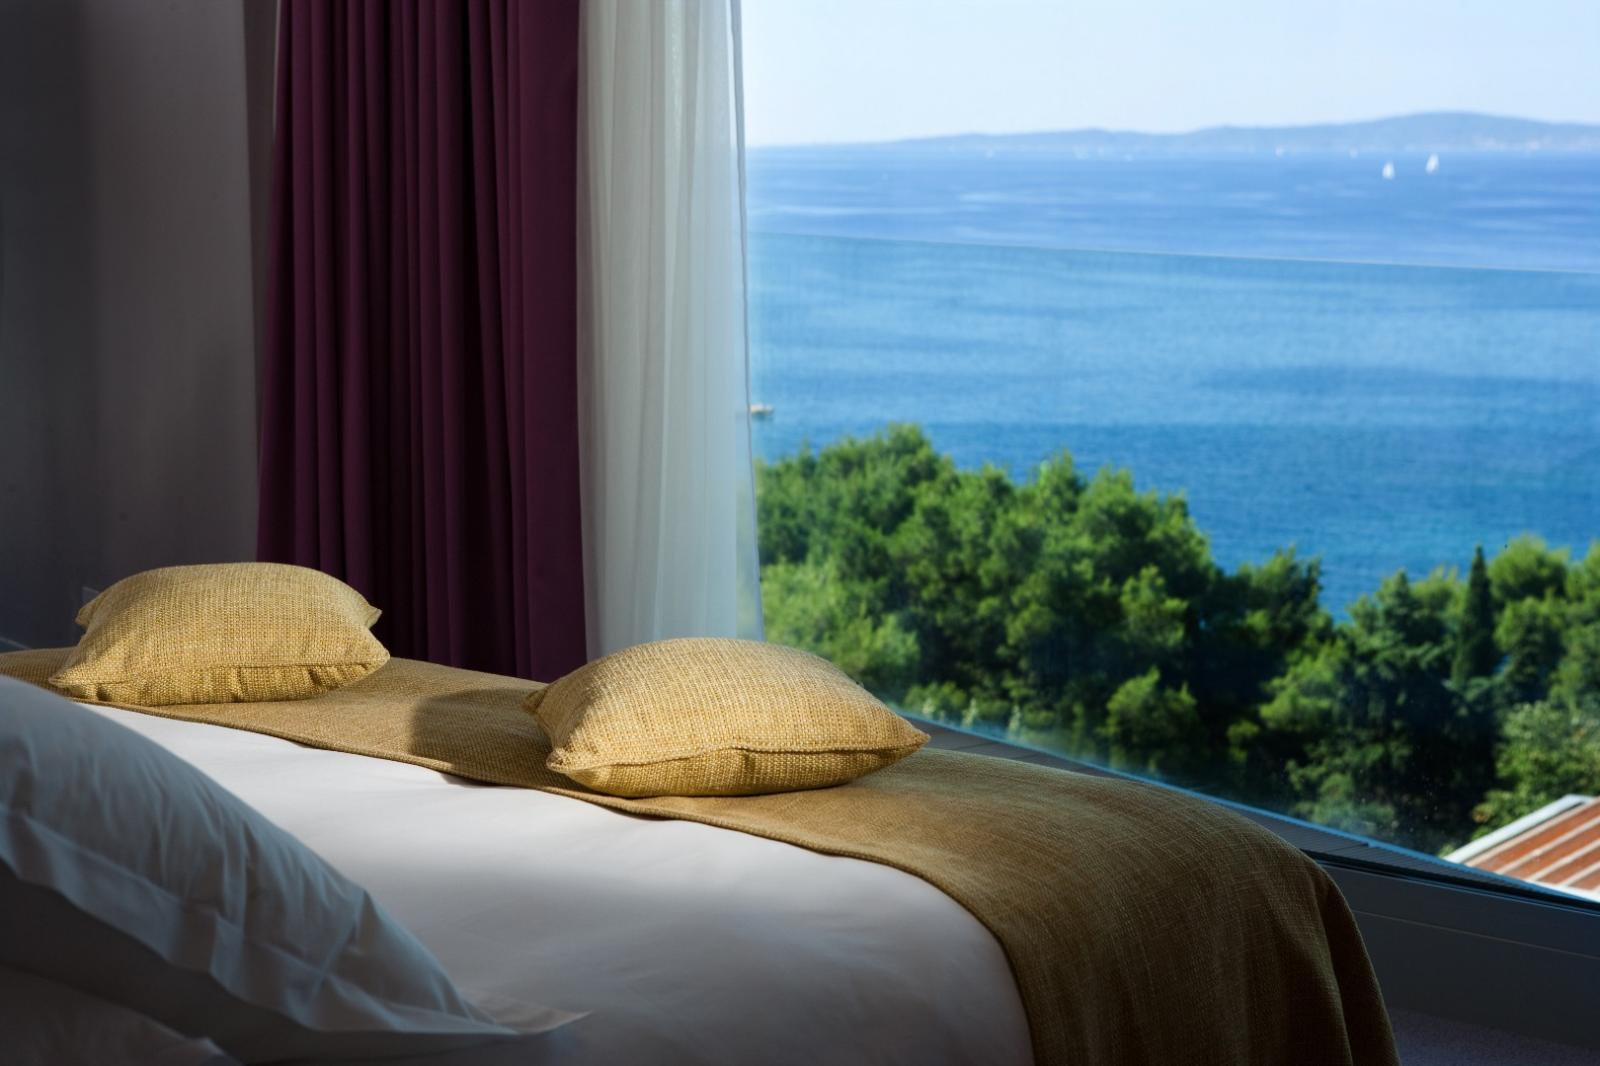 Progressive Muskelentspannung nach Jacobsen: Foto vom Wellnesshotel Radisson Blu Resort Split | Wellness Dalmatien